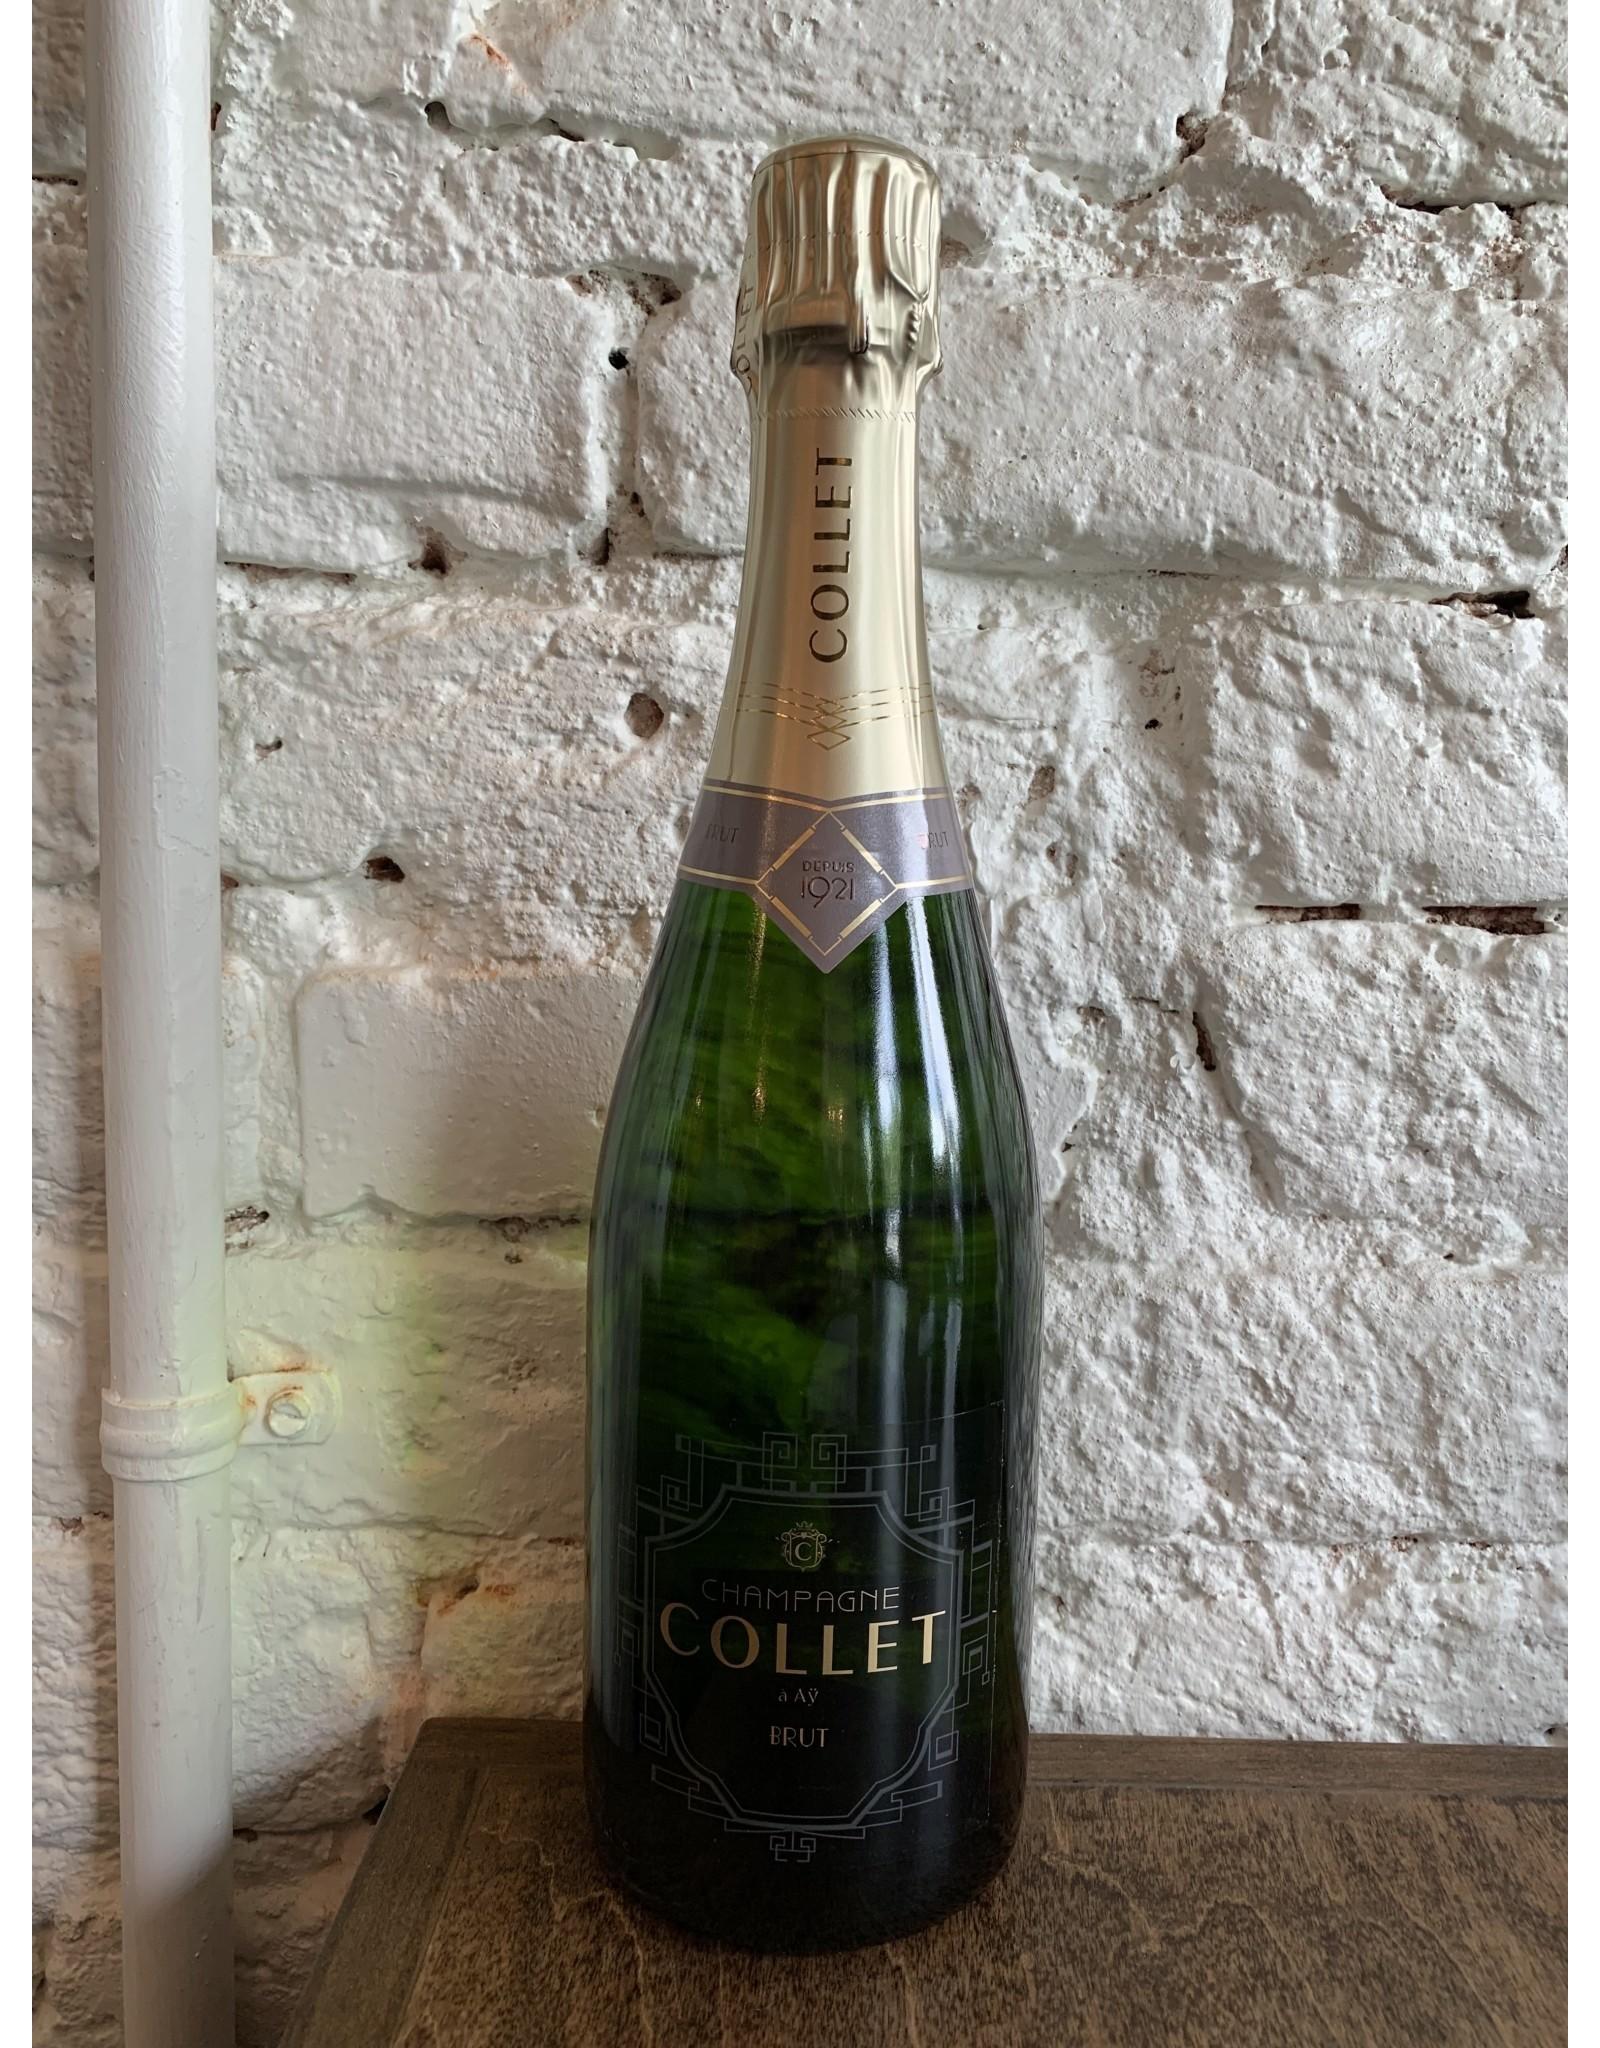 Champagne Collet Champagne Collet, Brut NV